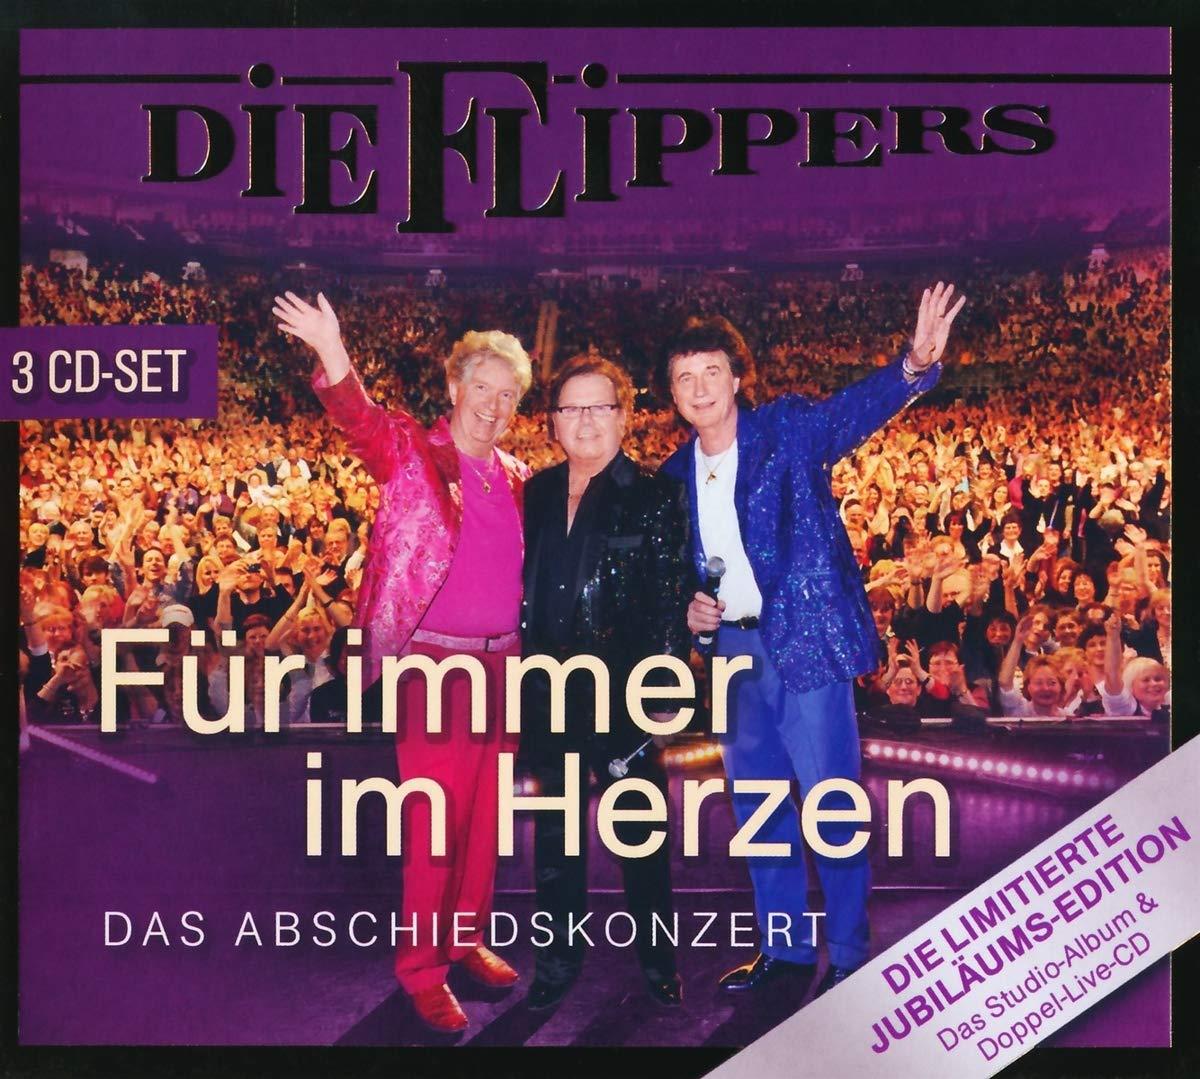 Die Flippers - Für immer im Herzen - Das Abschiedskonzert (2021)